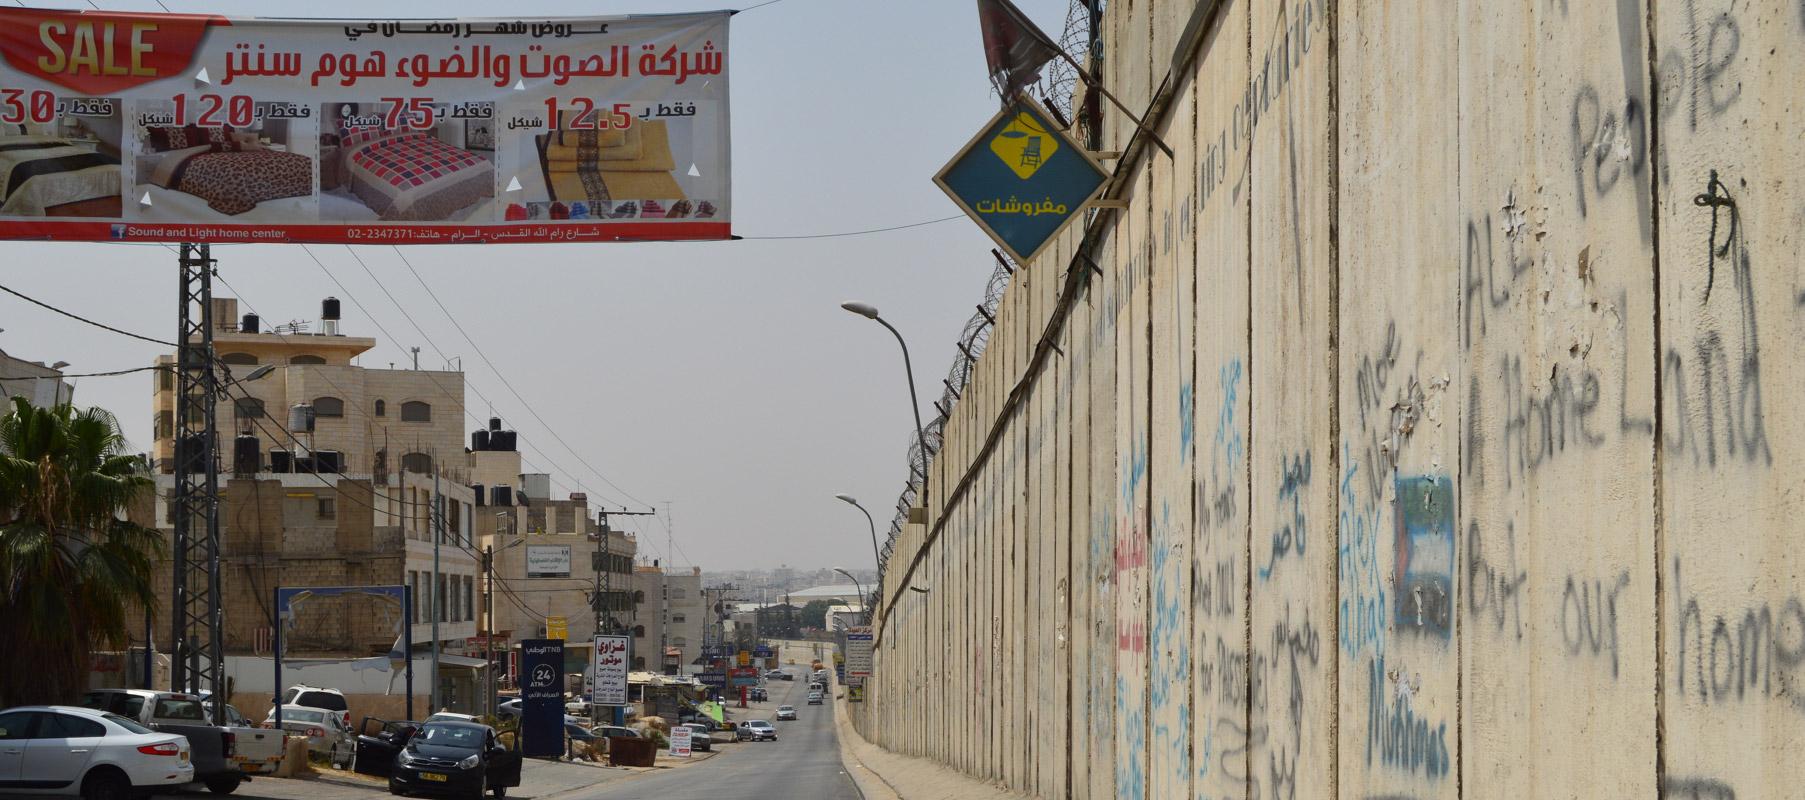 Al Ramm, Palestine